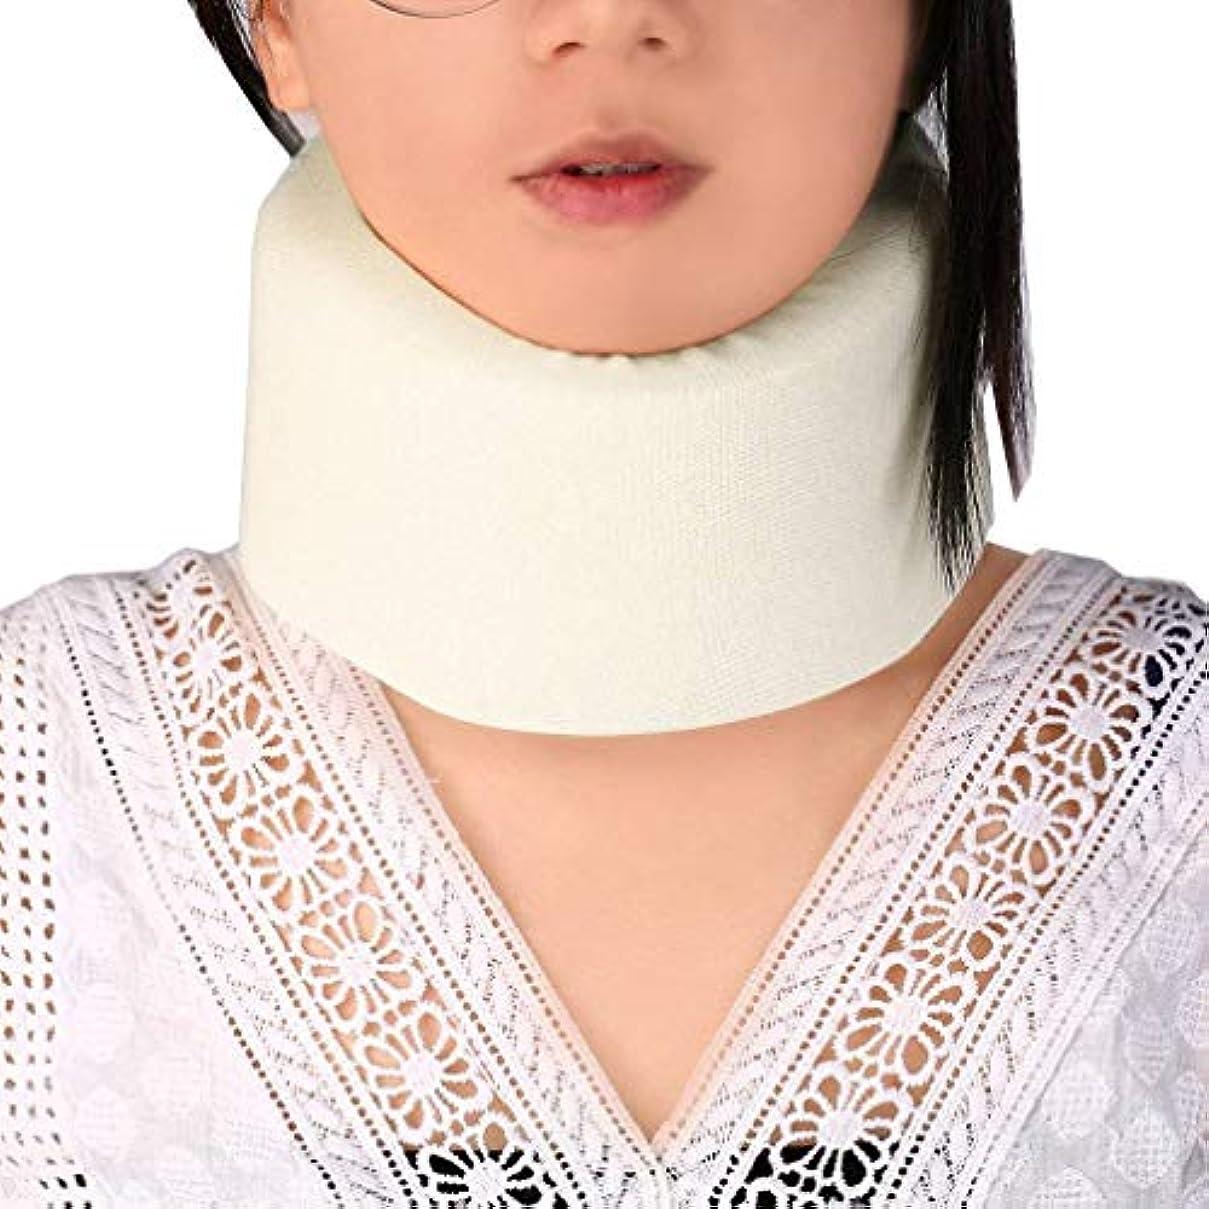 手錠引退した急流Oral Dentistry 首 サポーター ソフト 頸椎 首こり ソフト頸椎カラー 肩の痛みの軽減 着脱 簡単 男女兼用 ホワイト